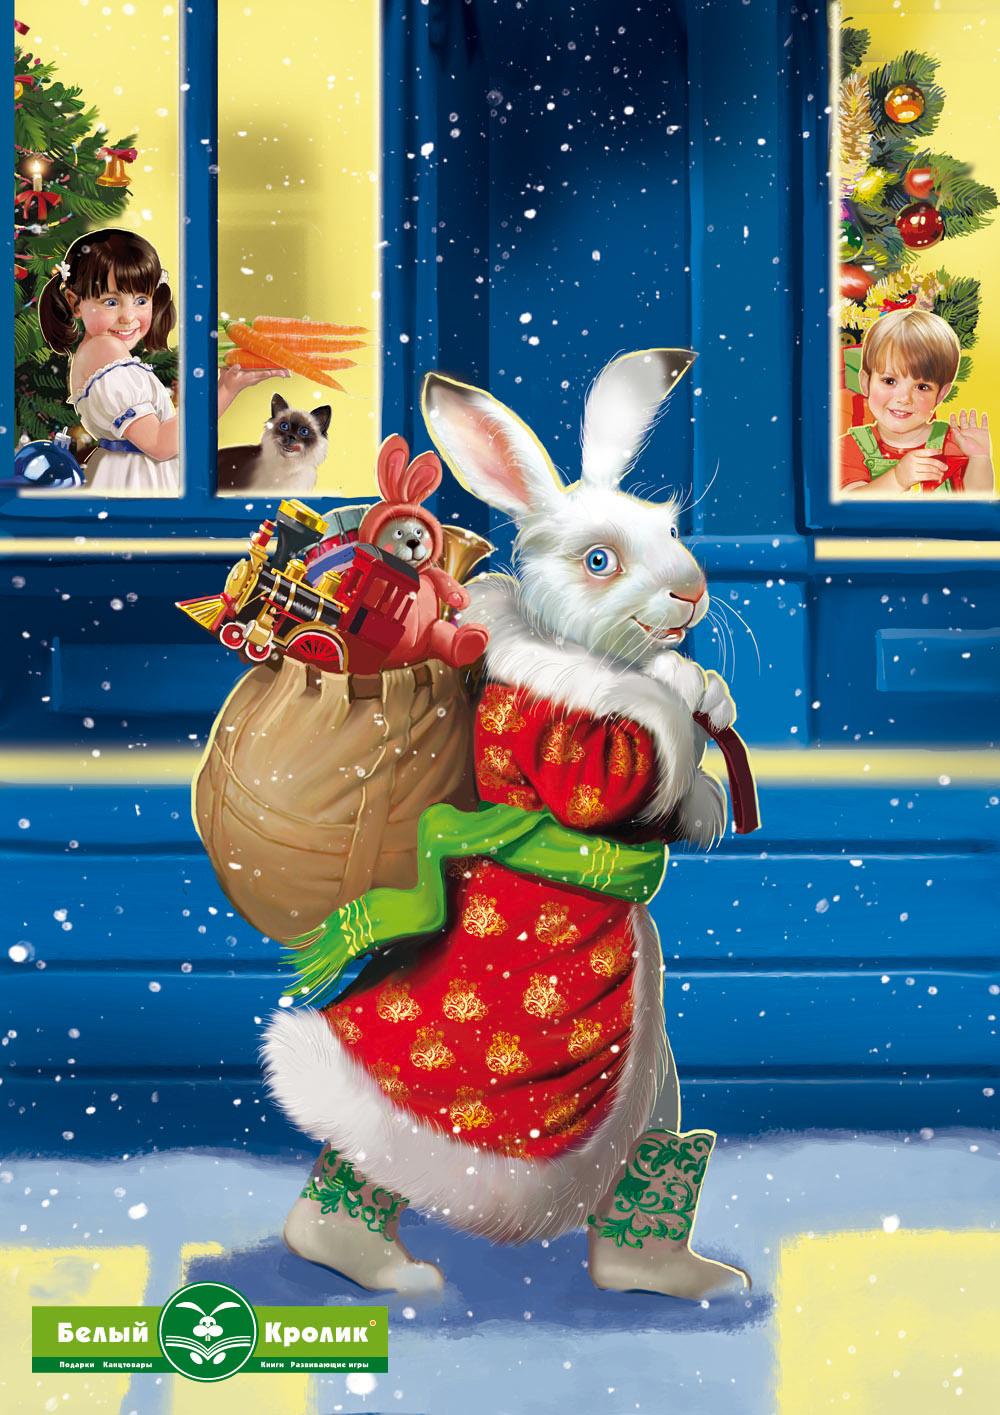 кролик новый год картинка никогда чиним